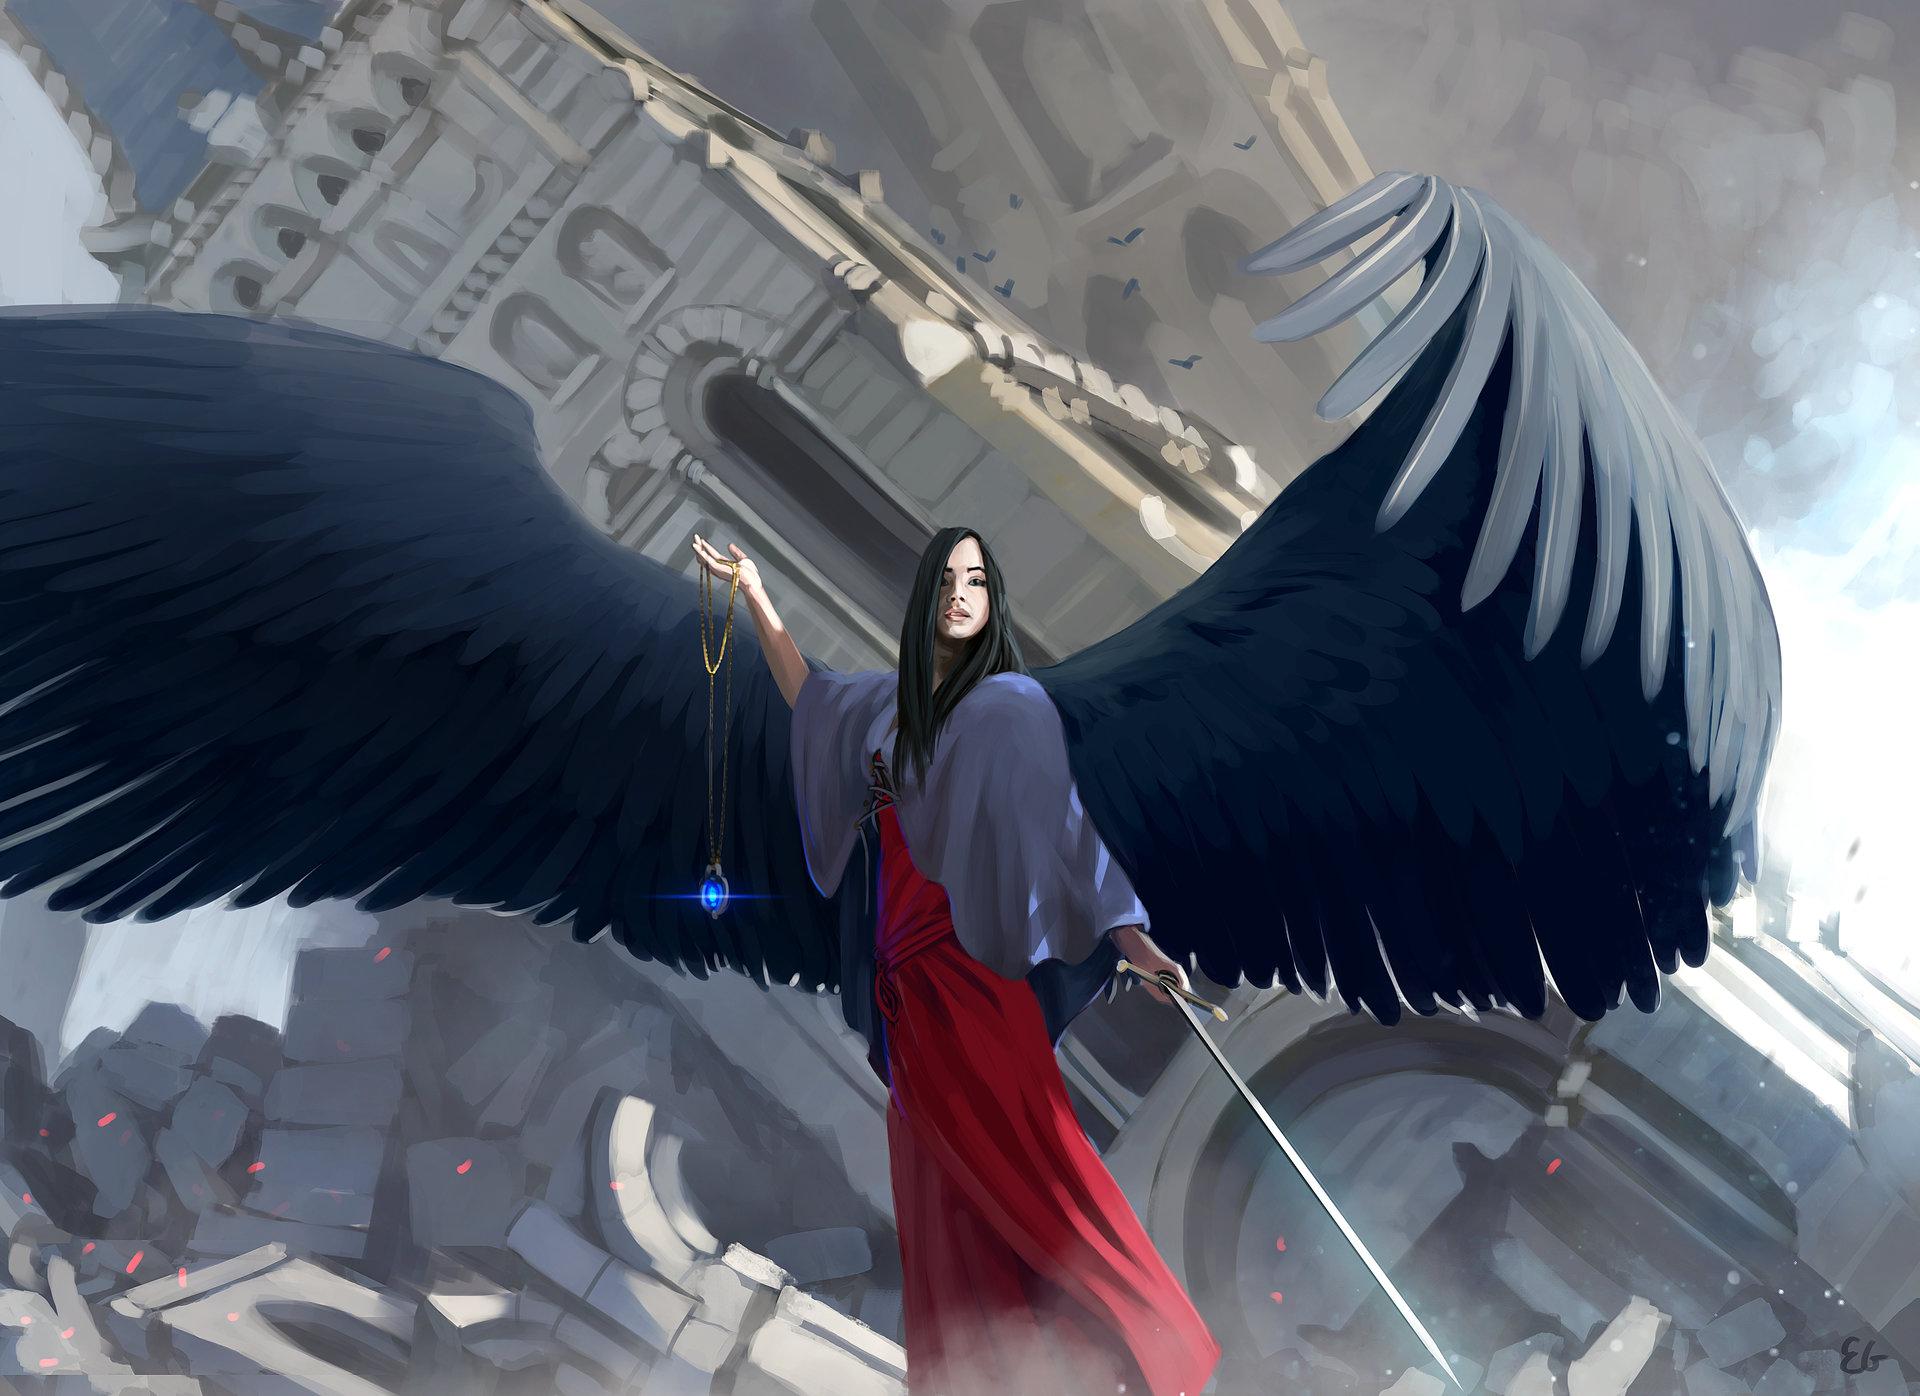 Eric geusz darkangel2